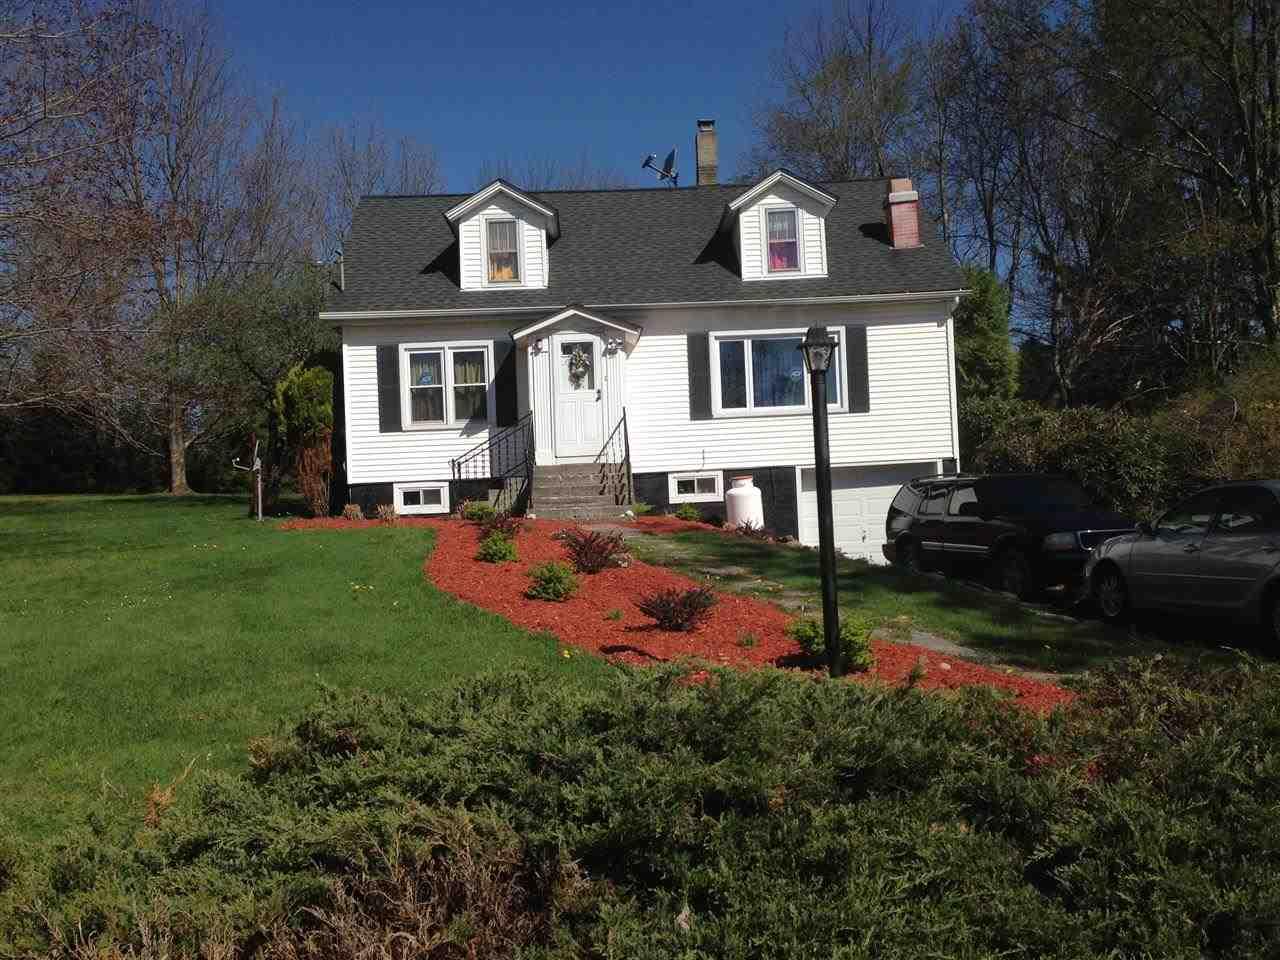 Real Estate for Sale, ListingId: 31769219, Woodridge,NY12789